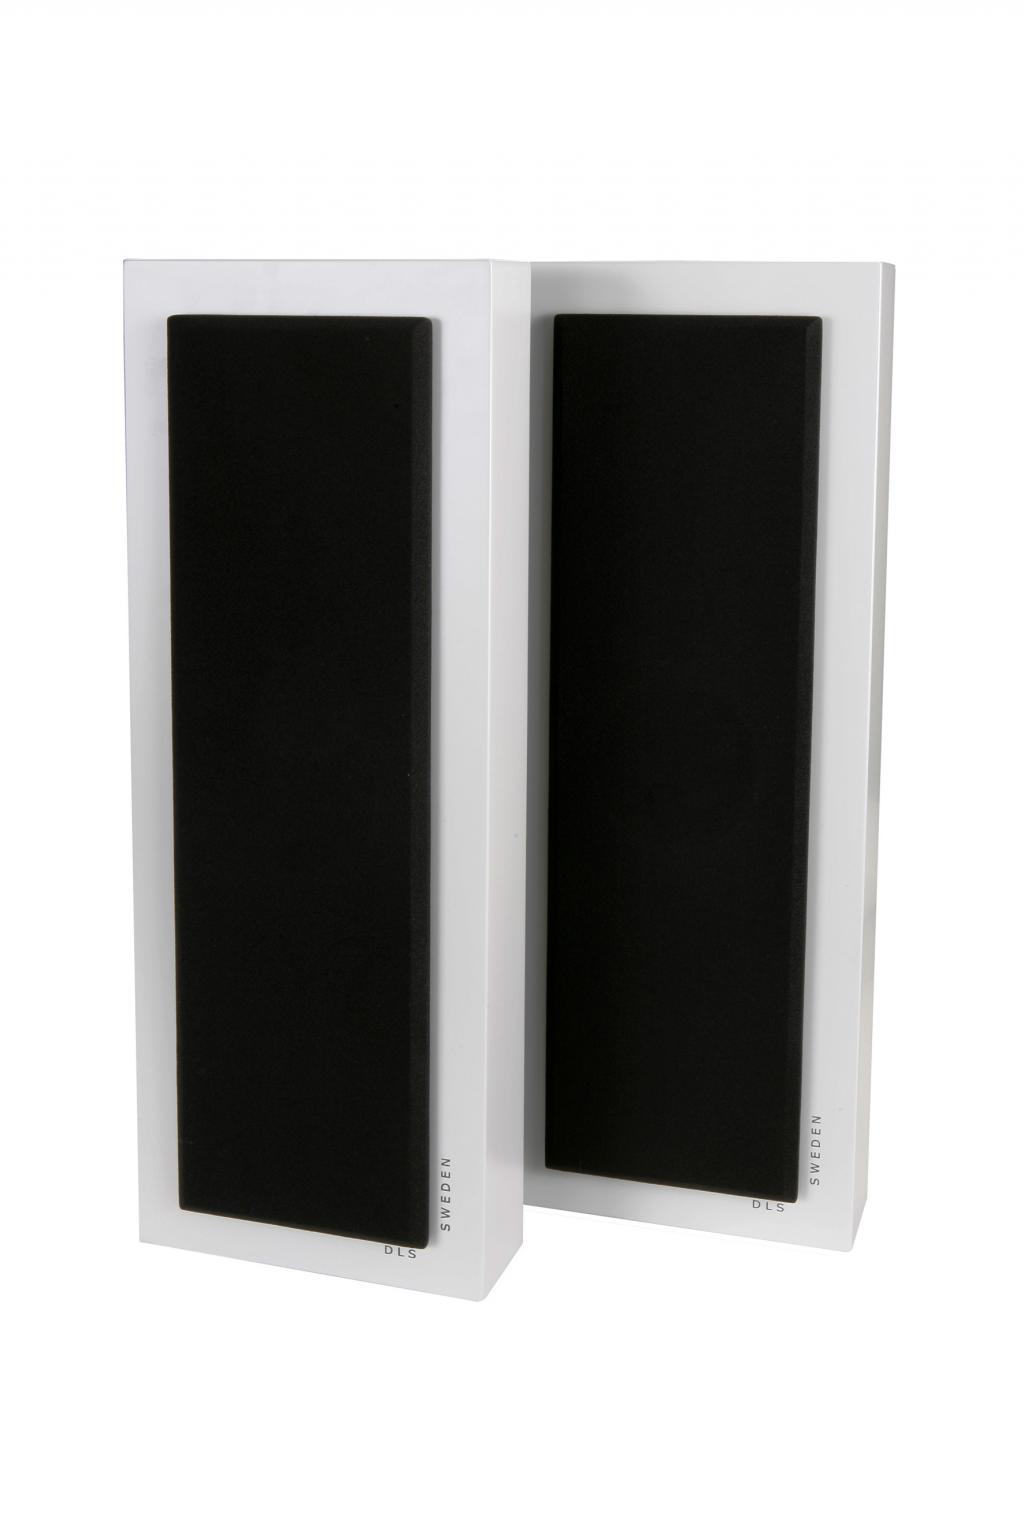 FLATBOX Slim Large-V2 Vit